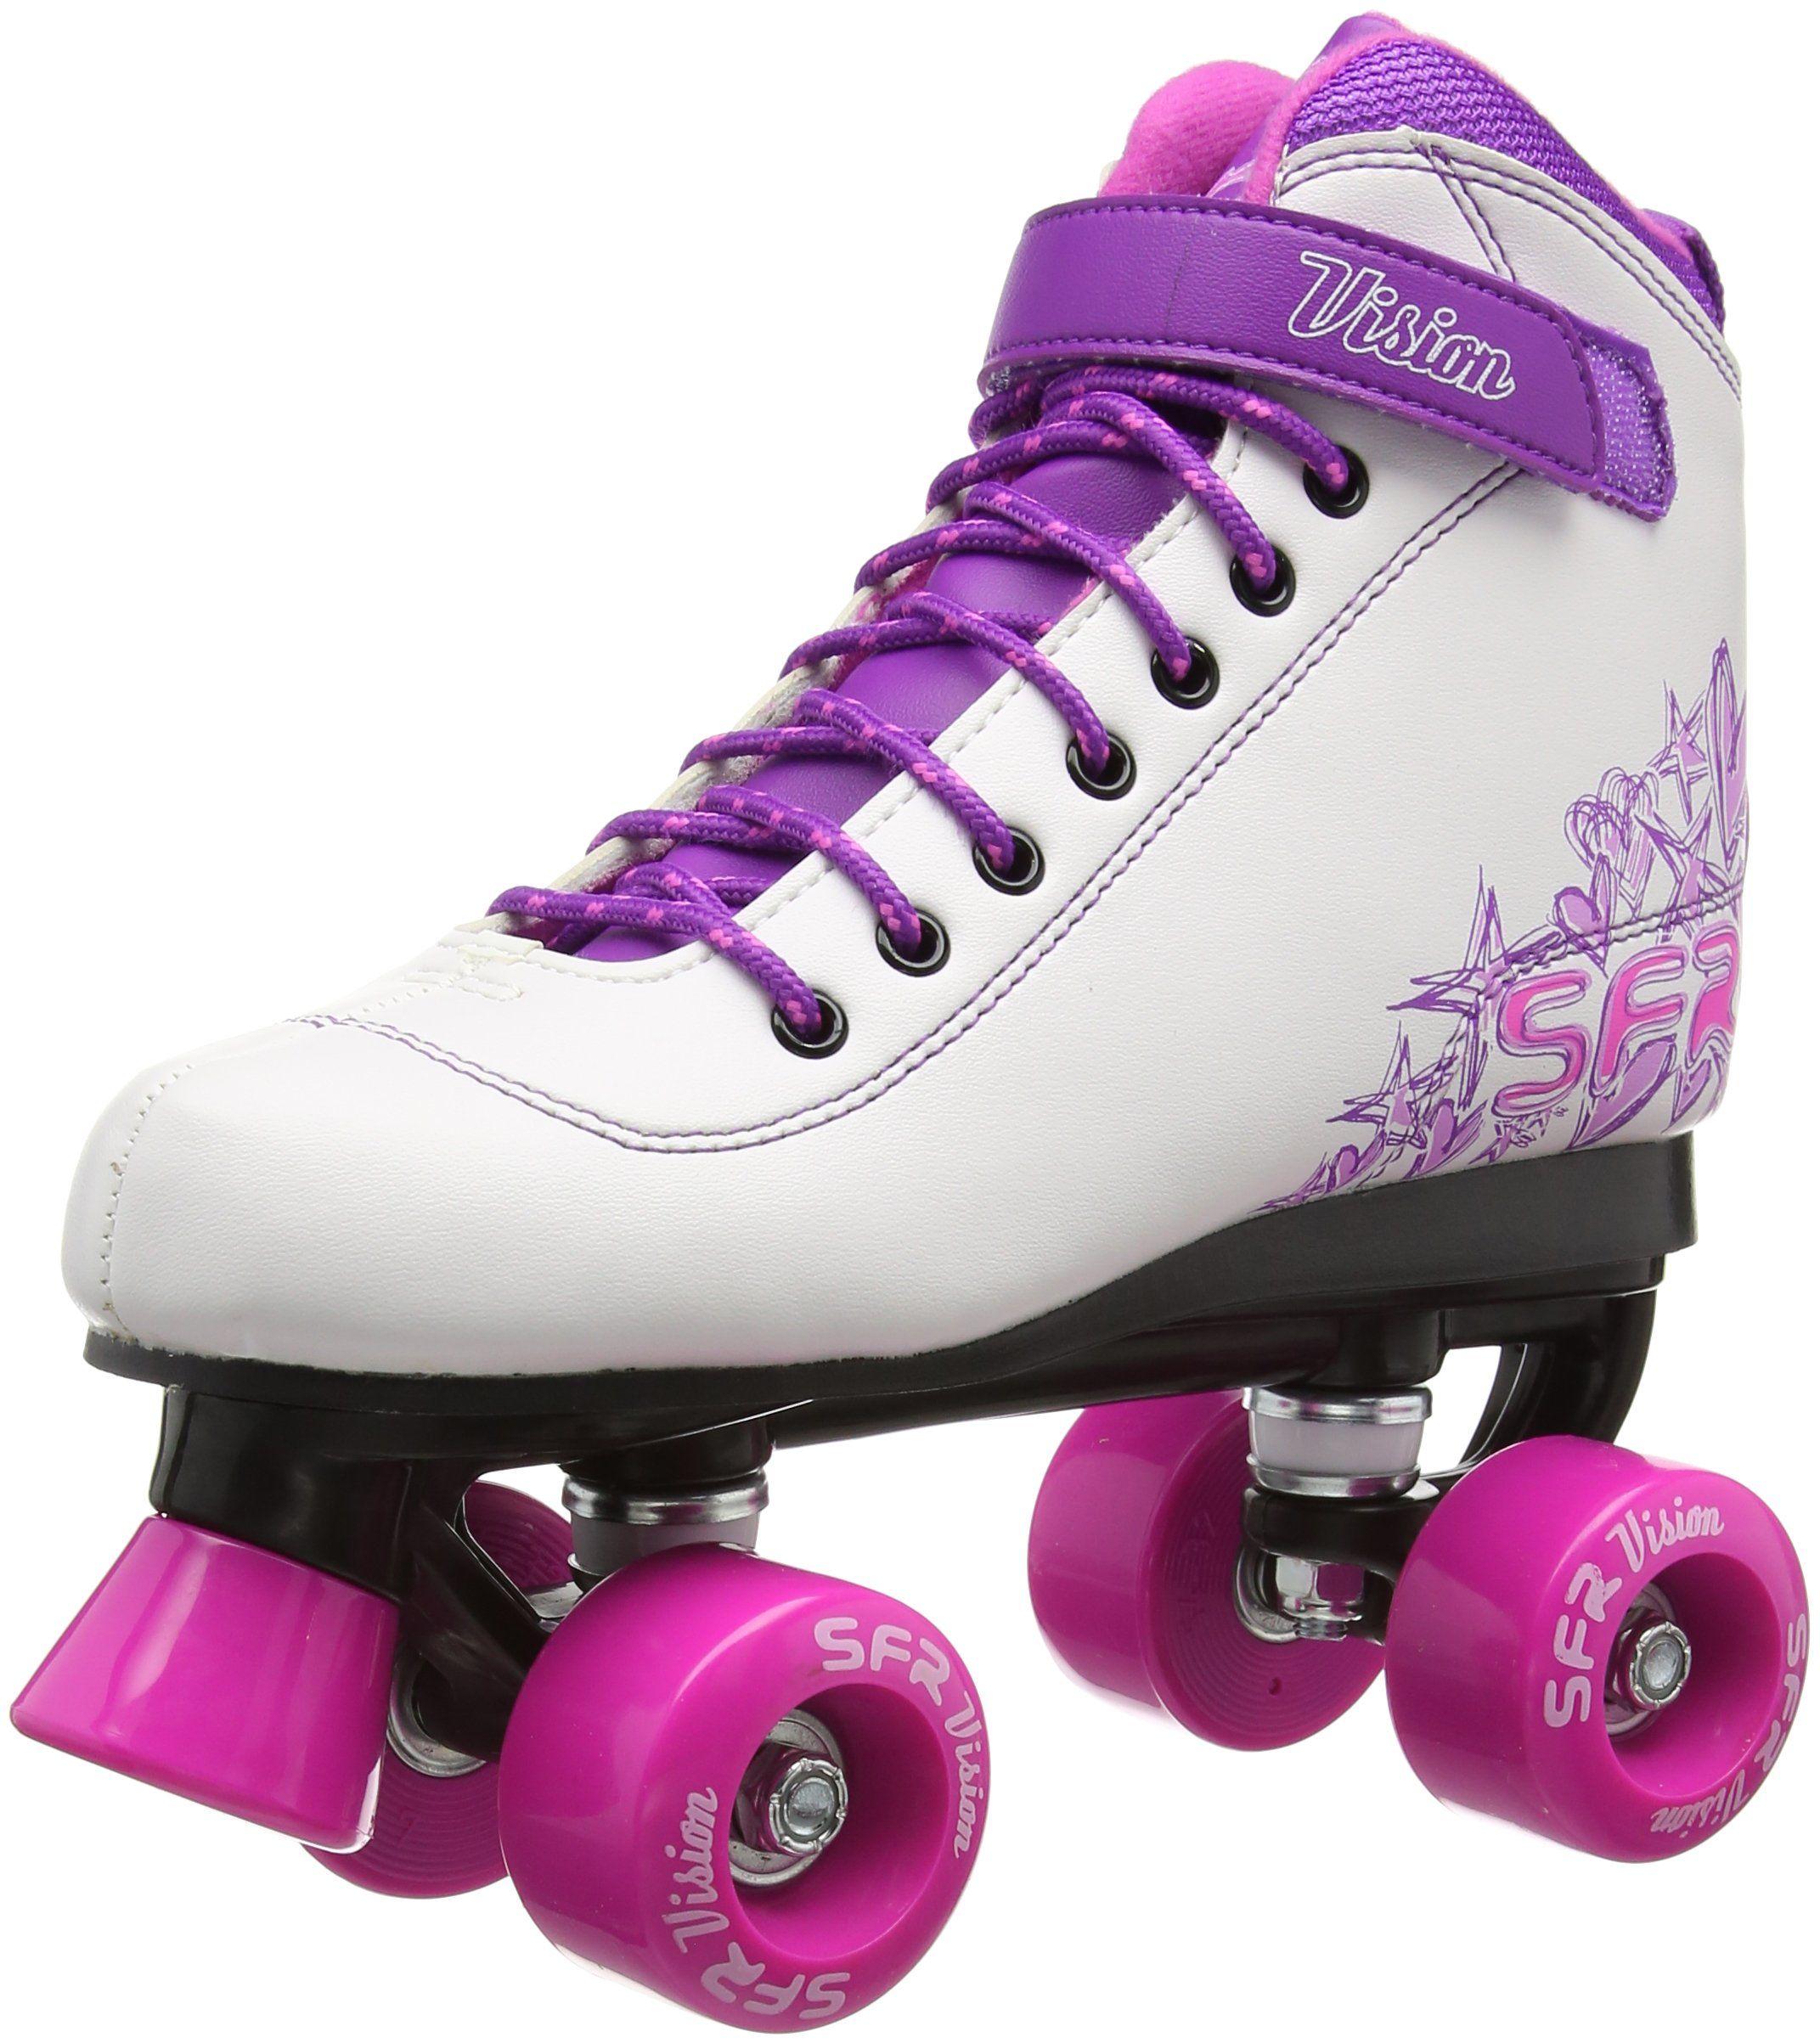 Zebra roller skates - Sfr Vision Ii Pink Kids Quad Roller Skates Uk 5